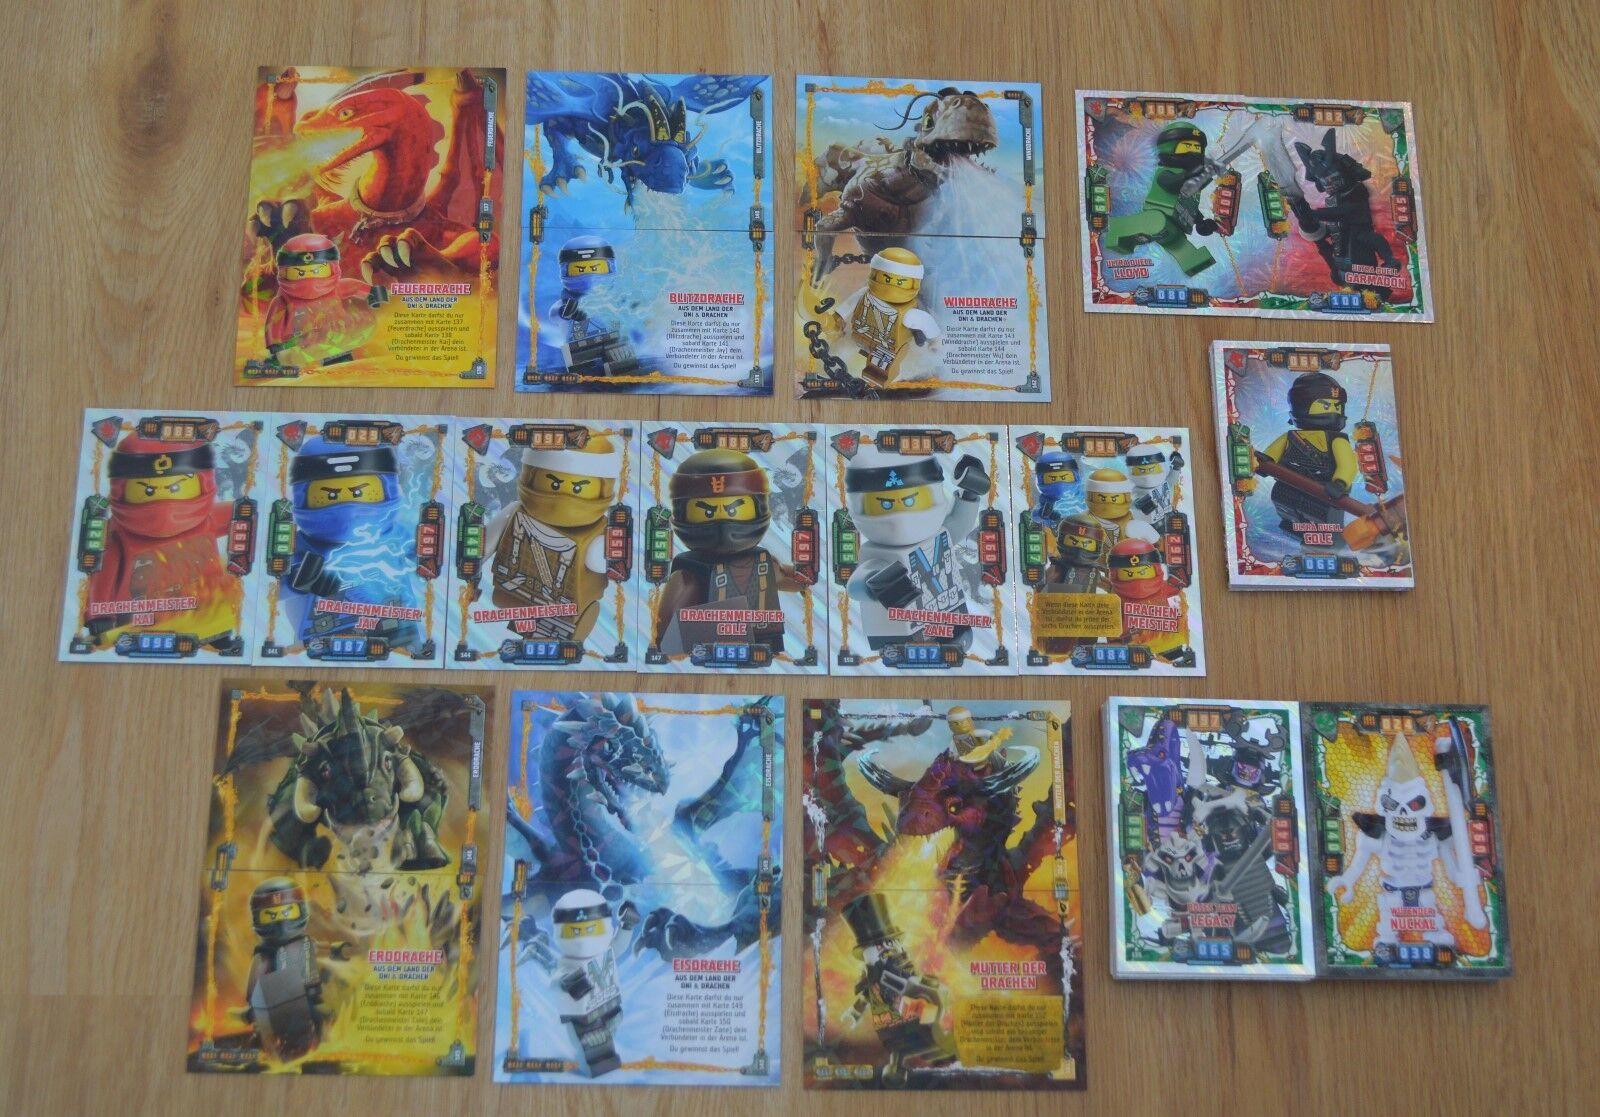 LEGO Ninjago trading card game carte Nº 150 titan robot